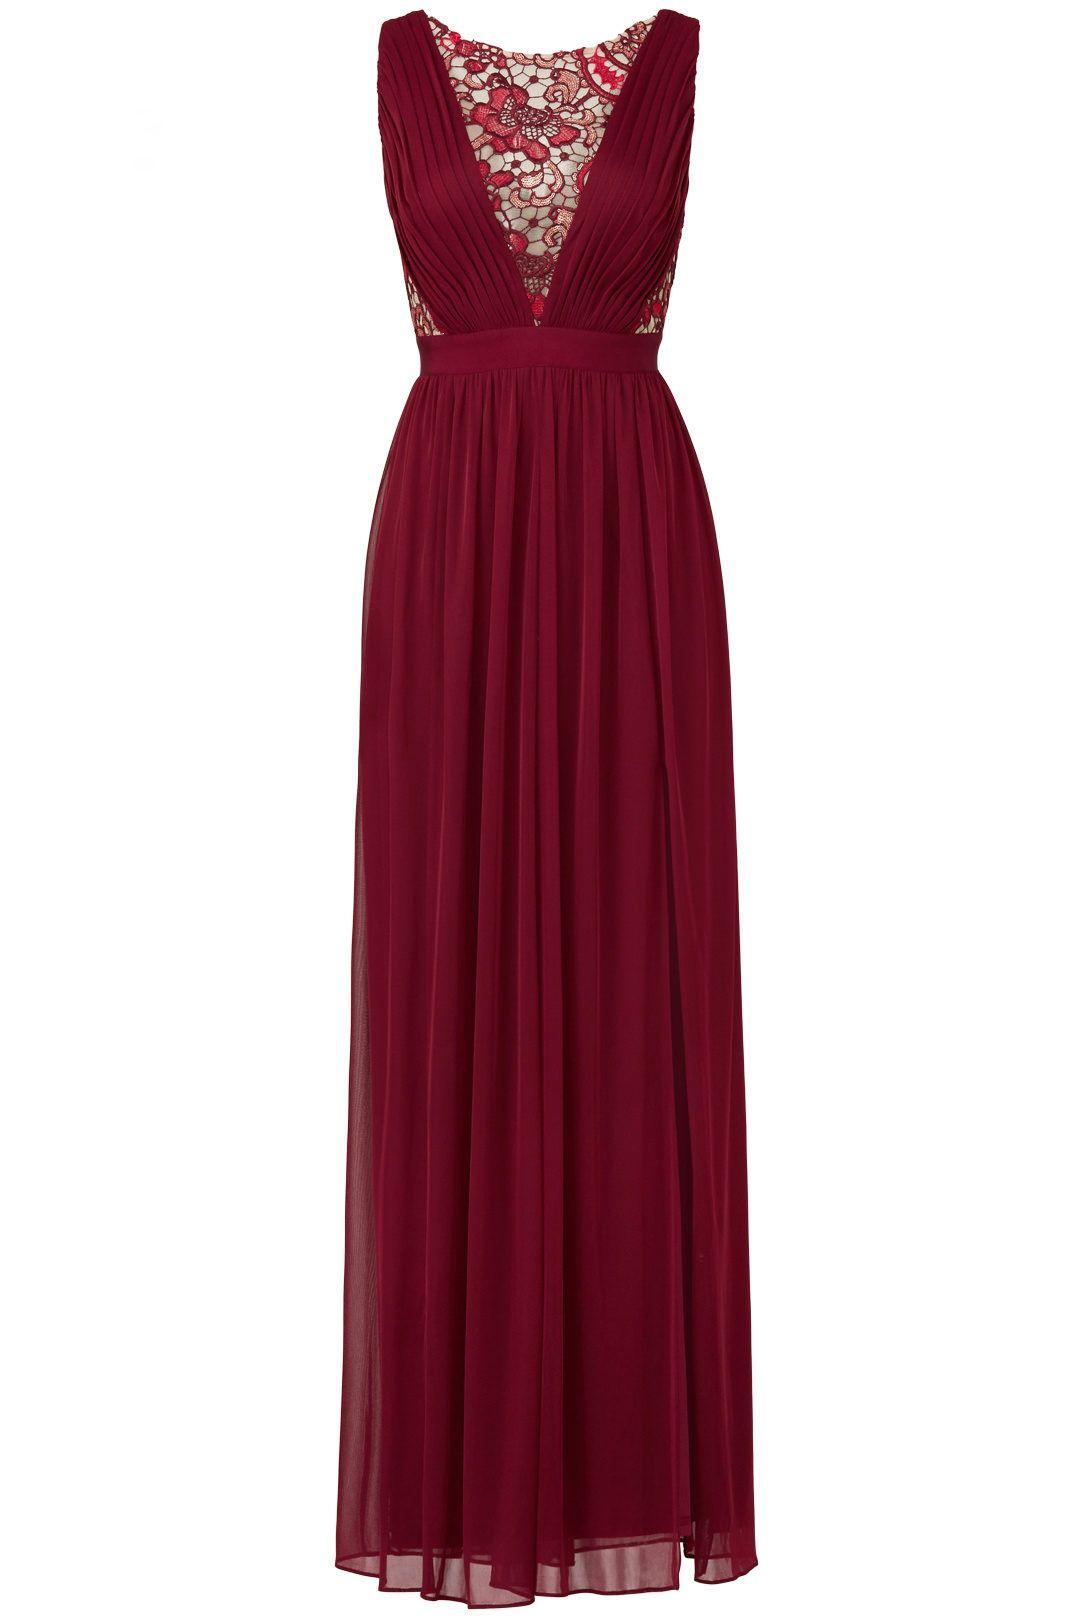 4f451457c1 ColsBM Thalia - Dark Red Bridesmaid Dresses